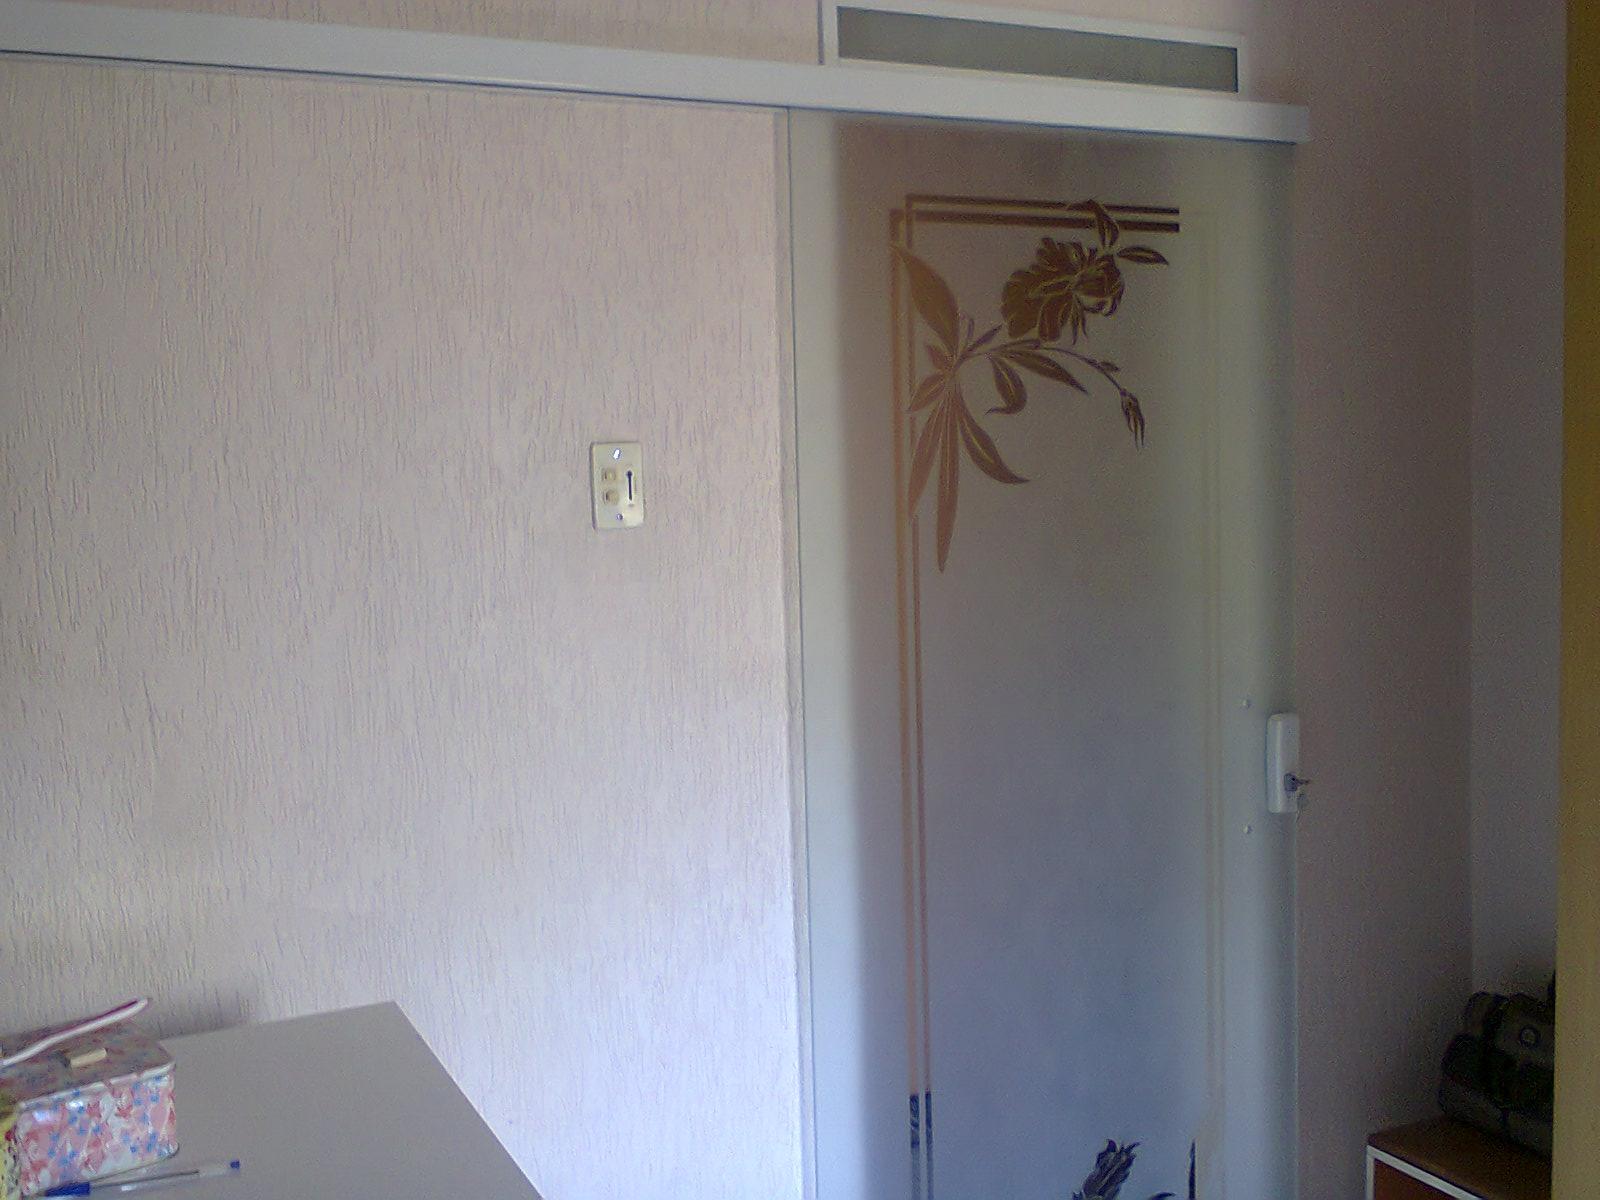 Porta de correr decorada em vidro jateado #465E85 1600 1200